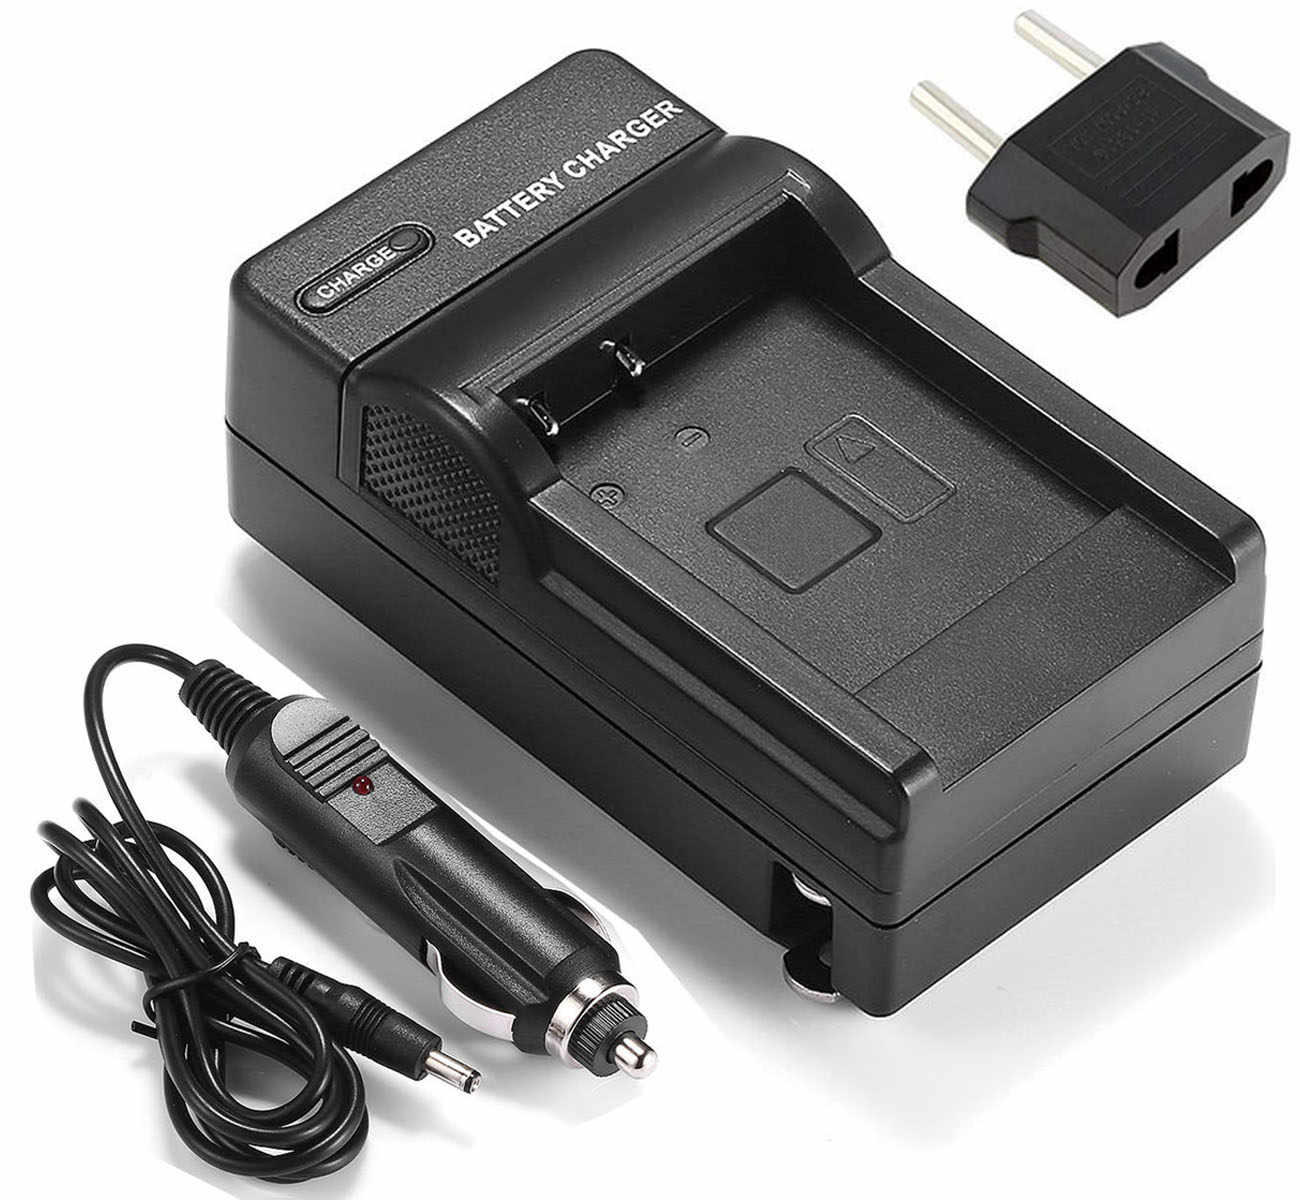 Cargador de batería para Pentax D-LI68, DLI68, D-LI122, K-BC115 y Pentax Q-S1, QS1, Q, Q7, Q10, Optio S10, S12, VS20 cámara Digital